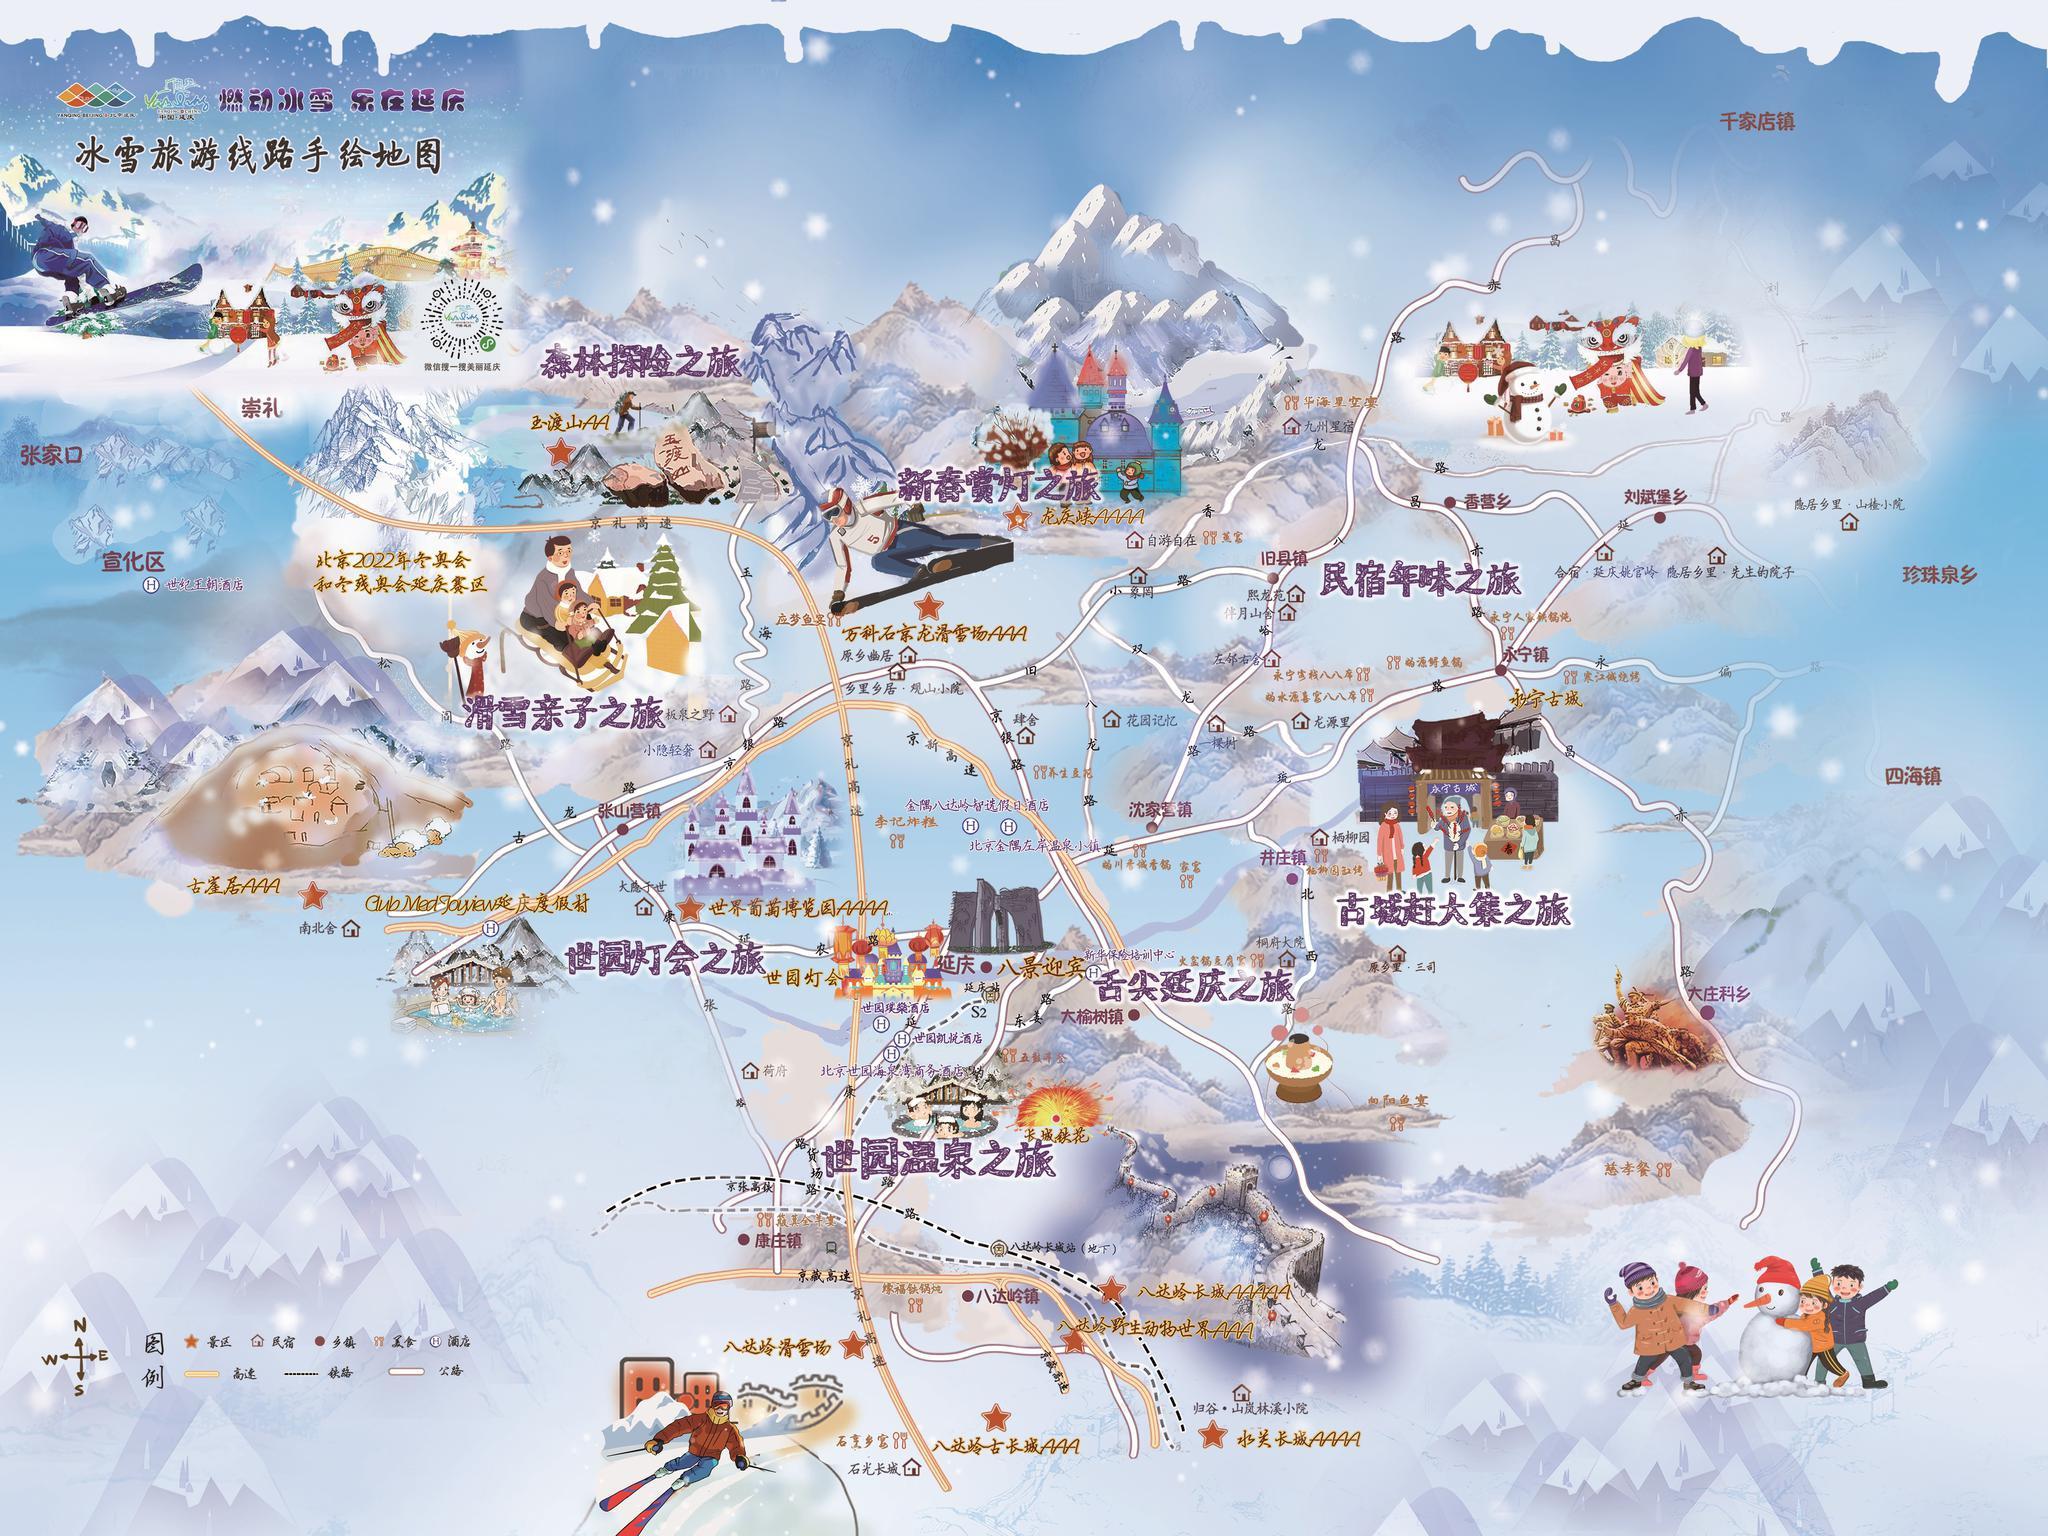 京張聯手推出8條冬季旅游線路,延慶冰雪旅游打包推出圖片